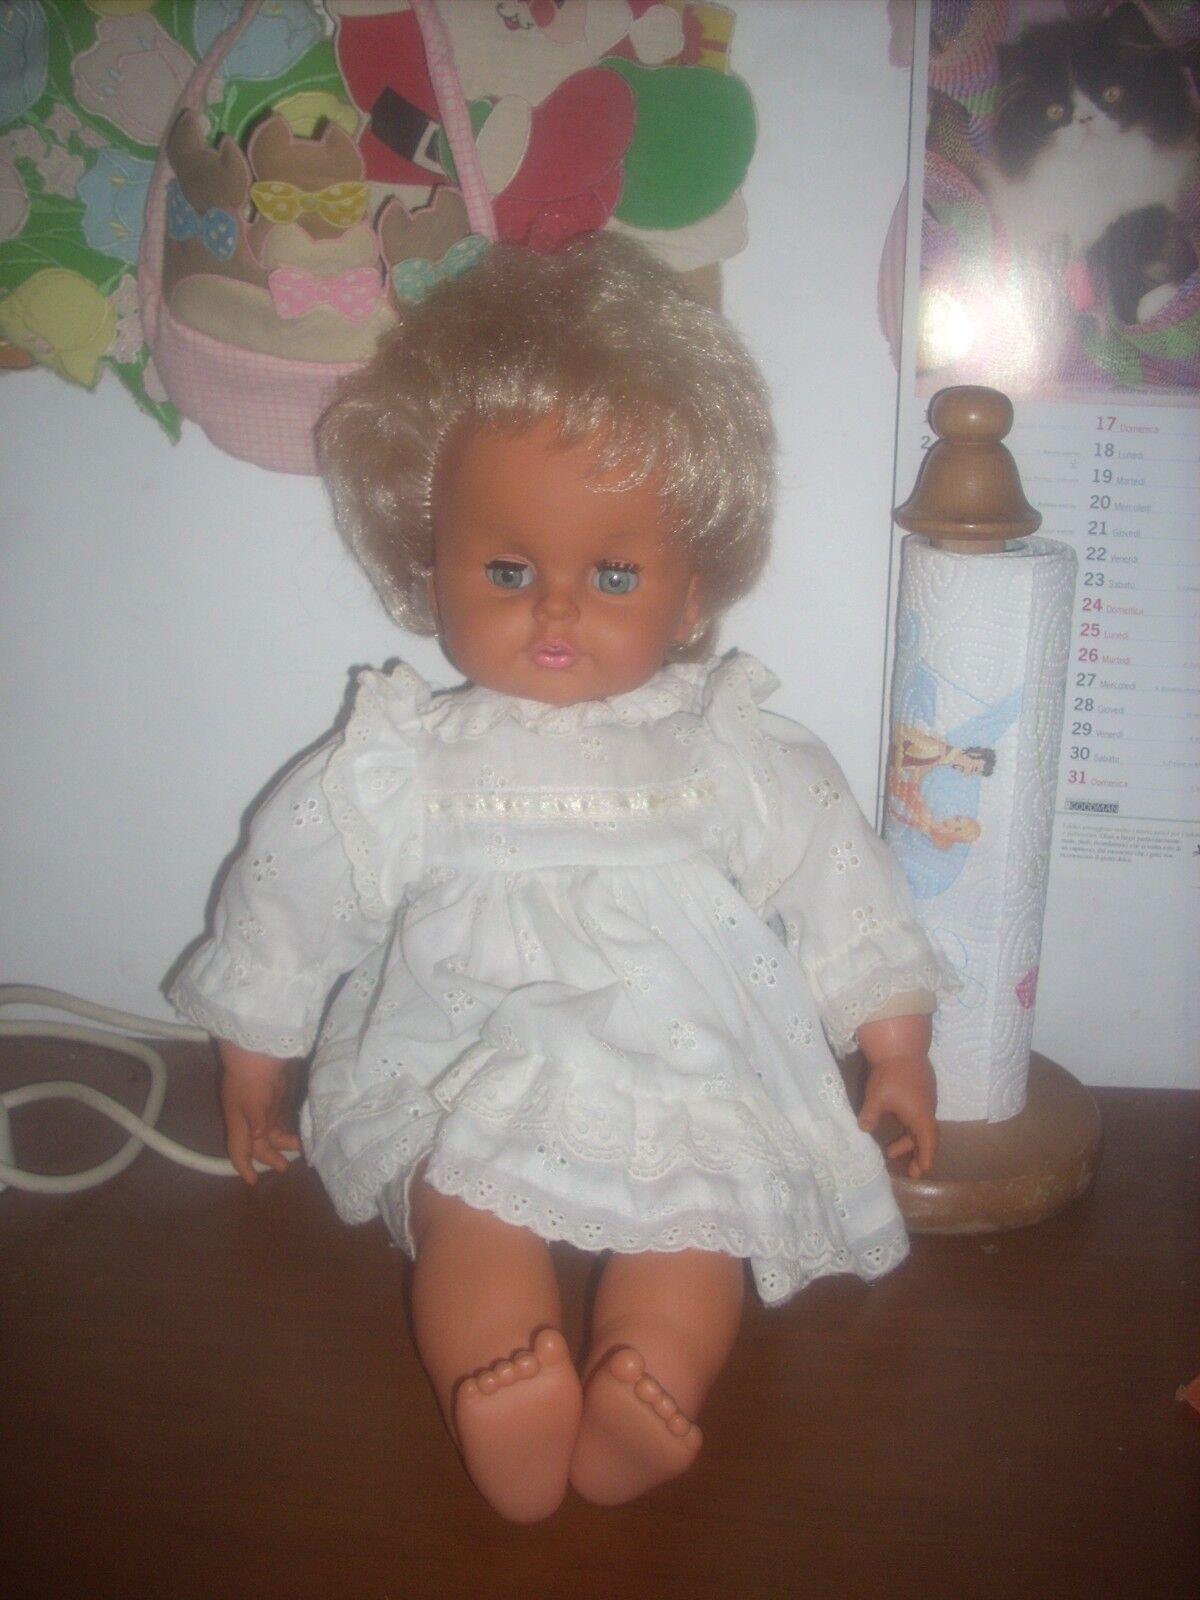 Bambola sebino cicciobello con con con vestito in pizzo sangtuttio  h.cm 46  leggi 0bee5c